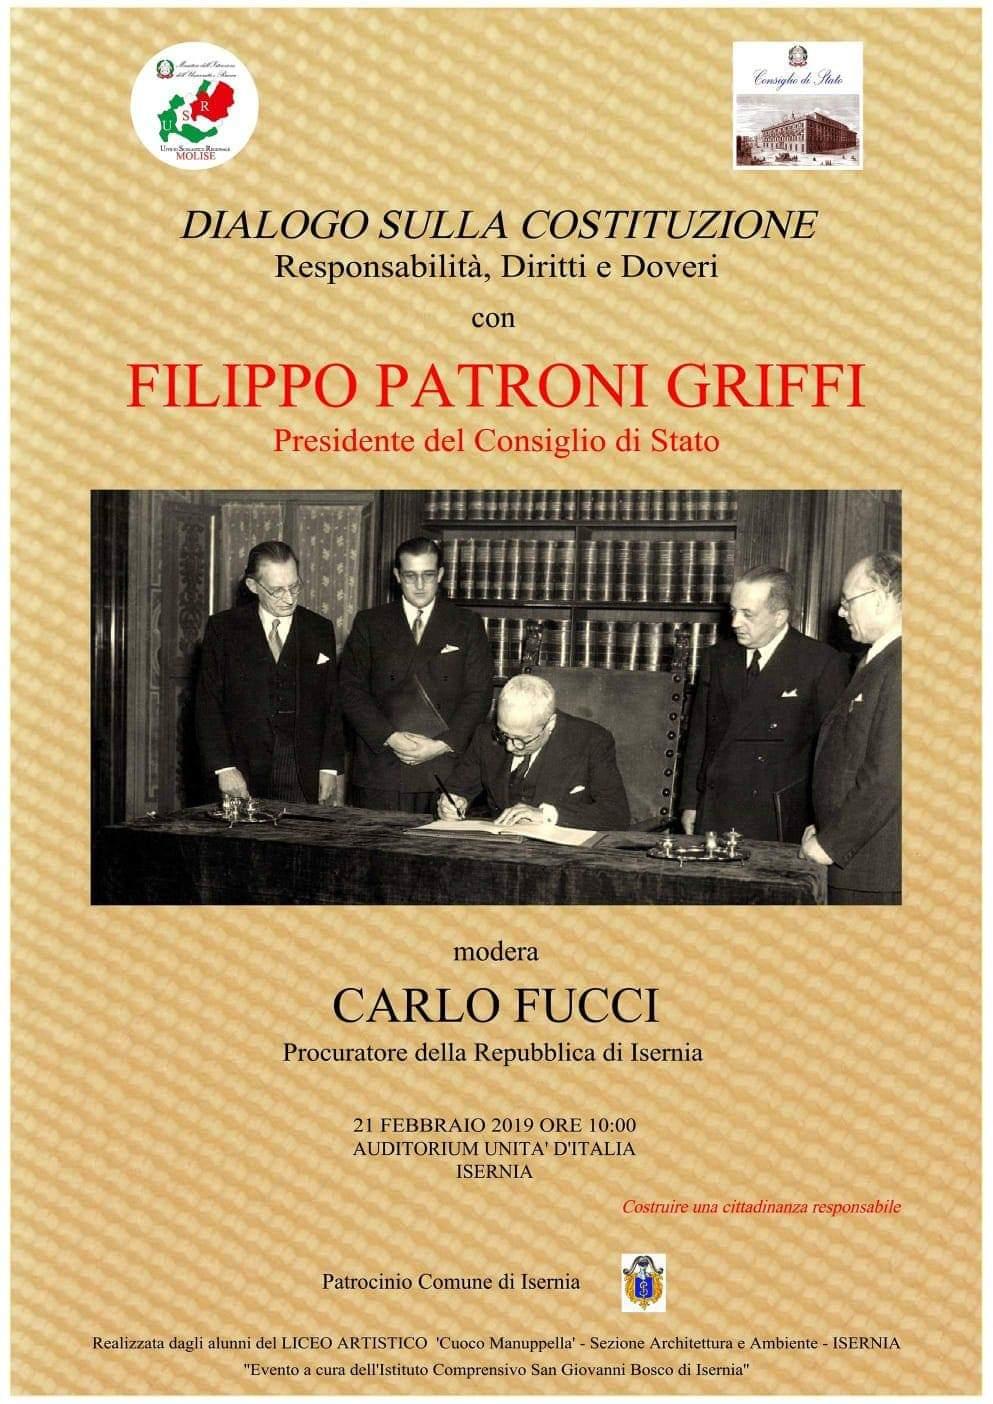 DIALOGO SULLA COSTITUZIONE CON PATRONI GRIFFI 22/02/2019